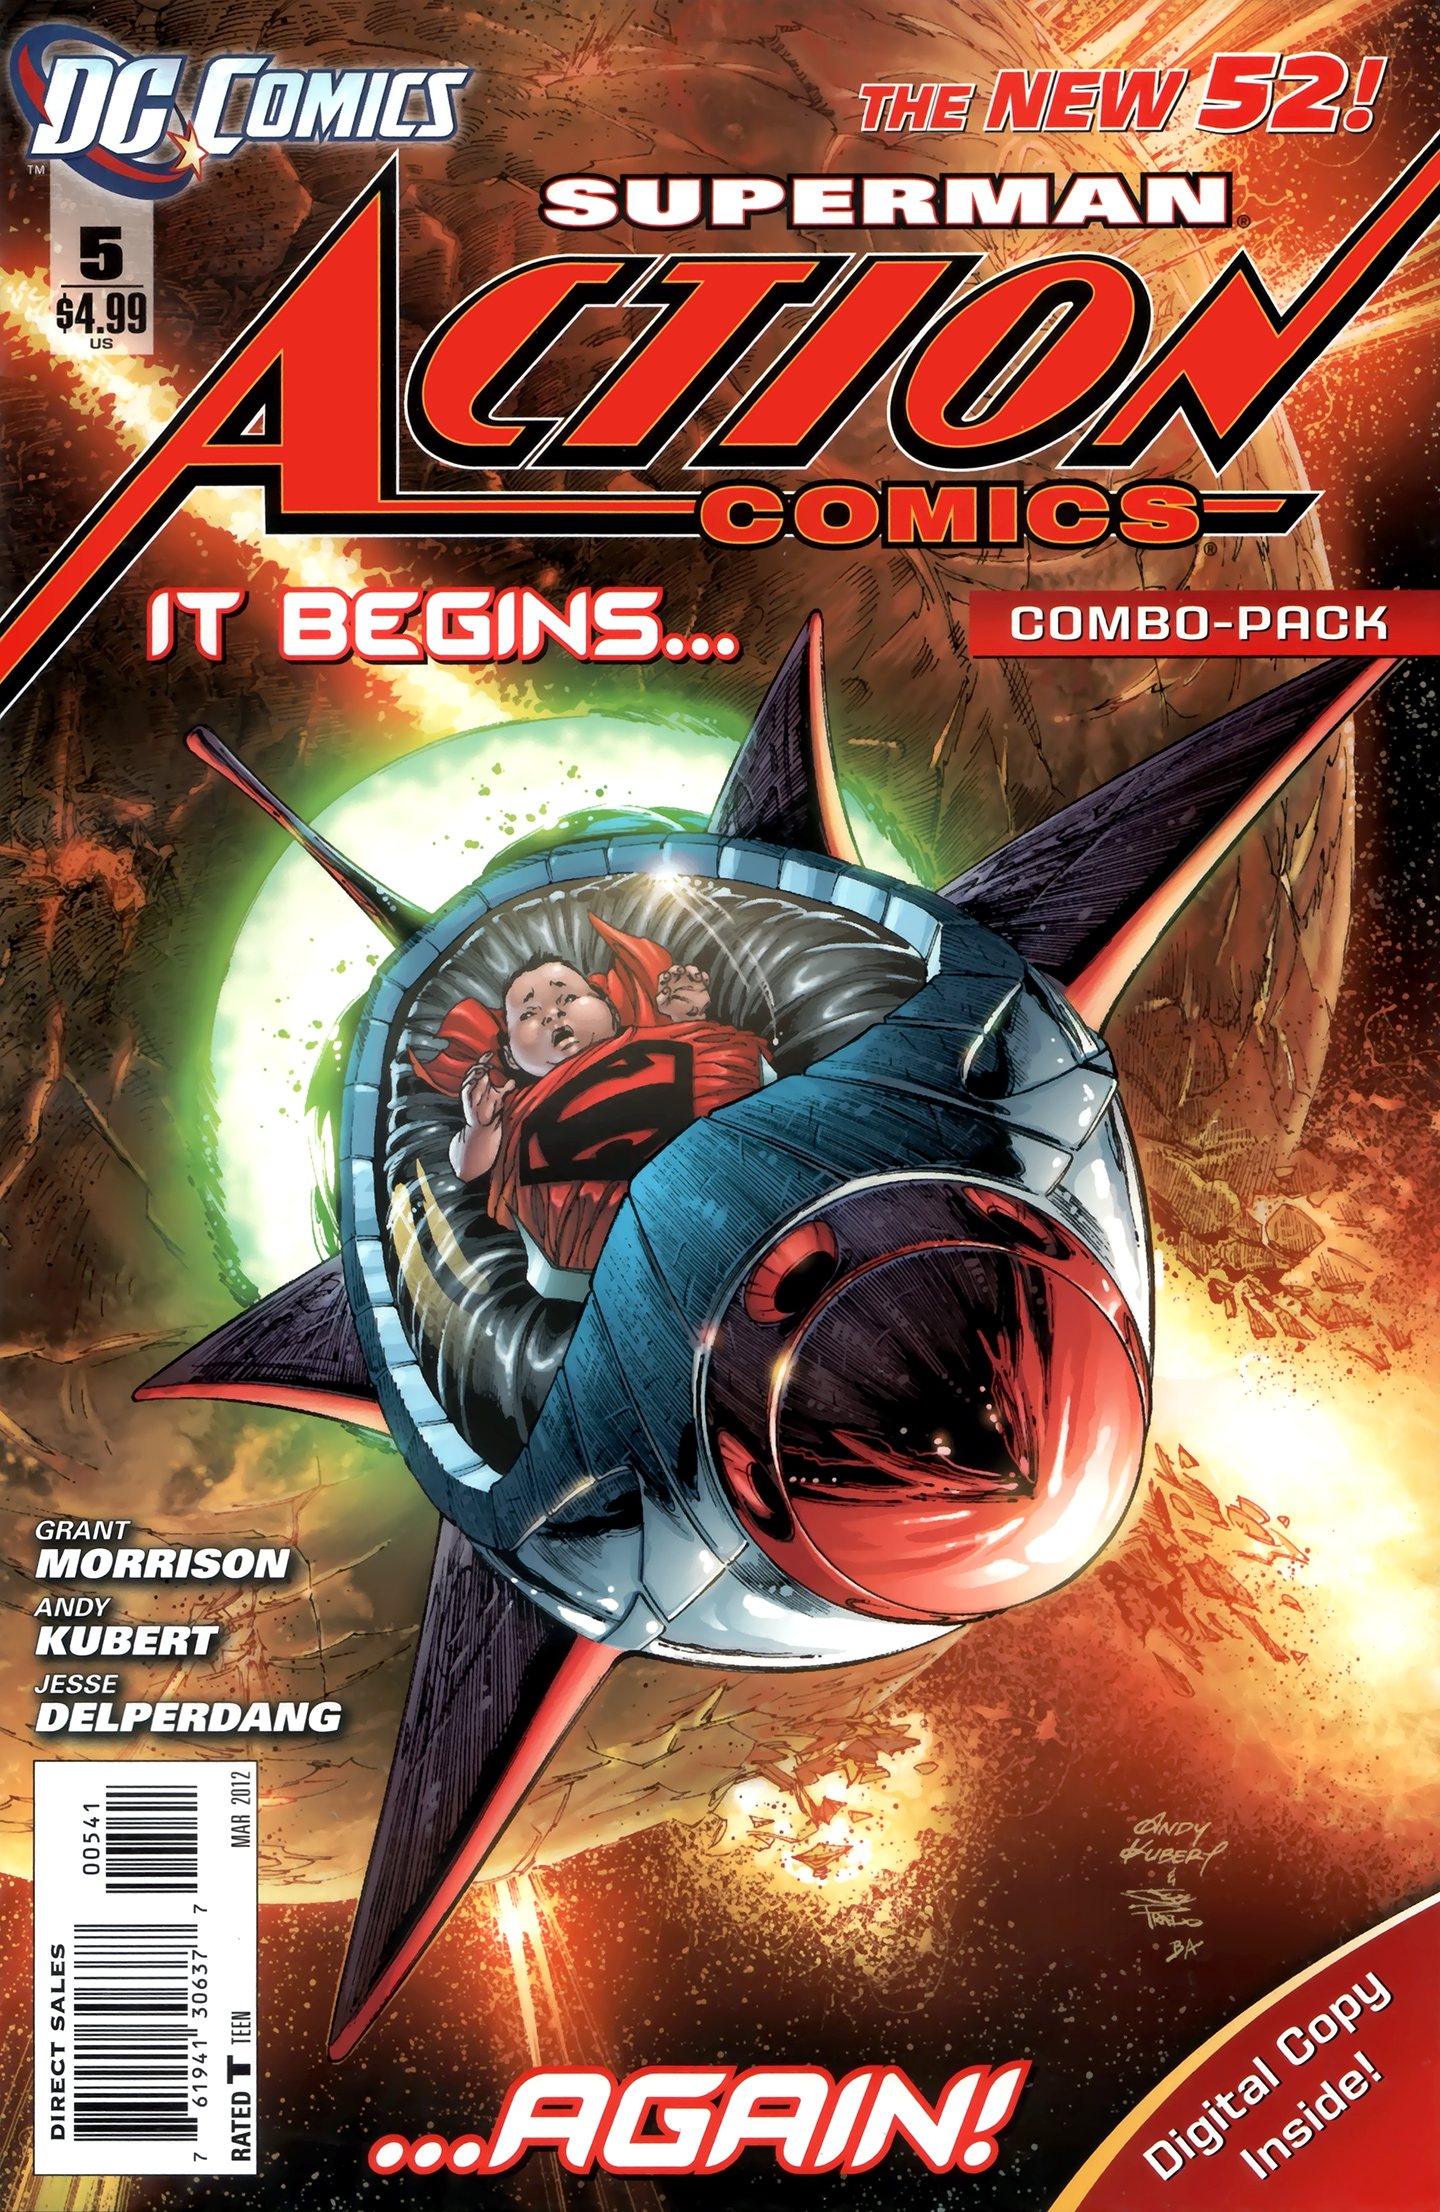 Action Comics Vol 2 5 Combo Variant.jpg